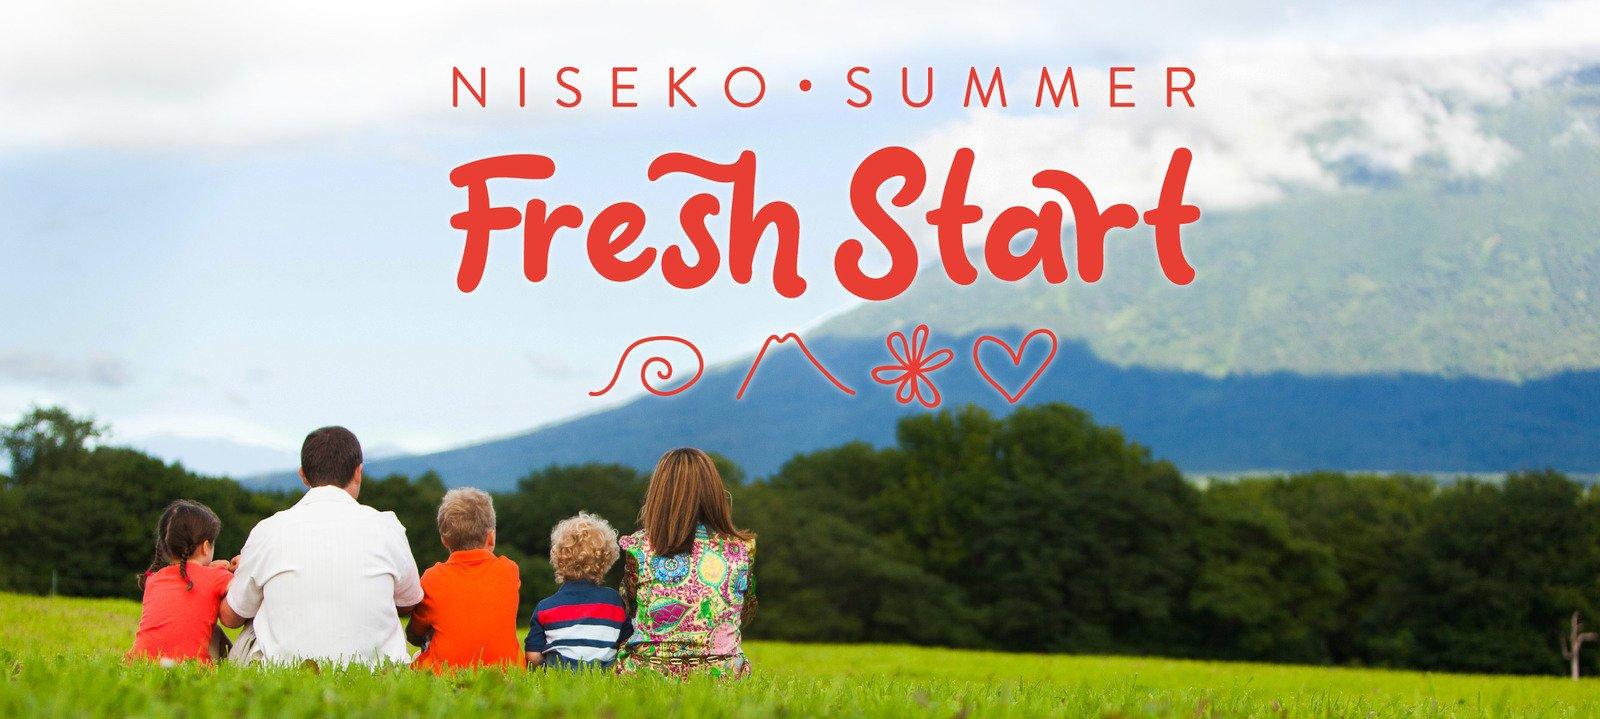 Fresh Start: Enjoy Summer in Niseko